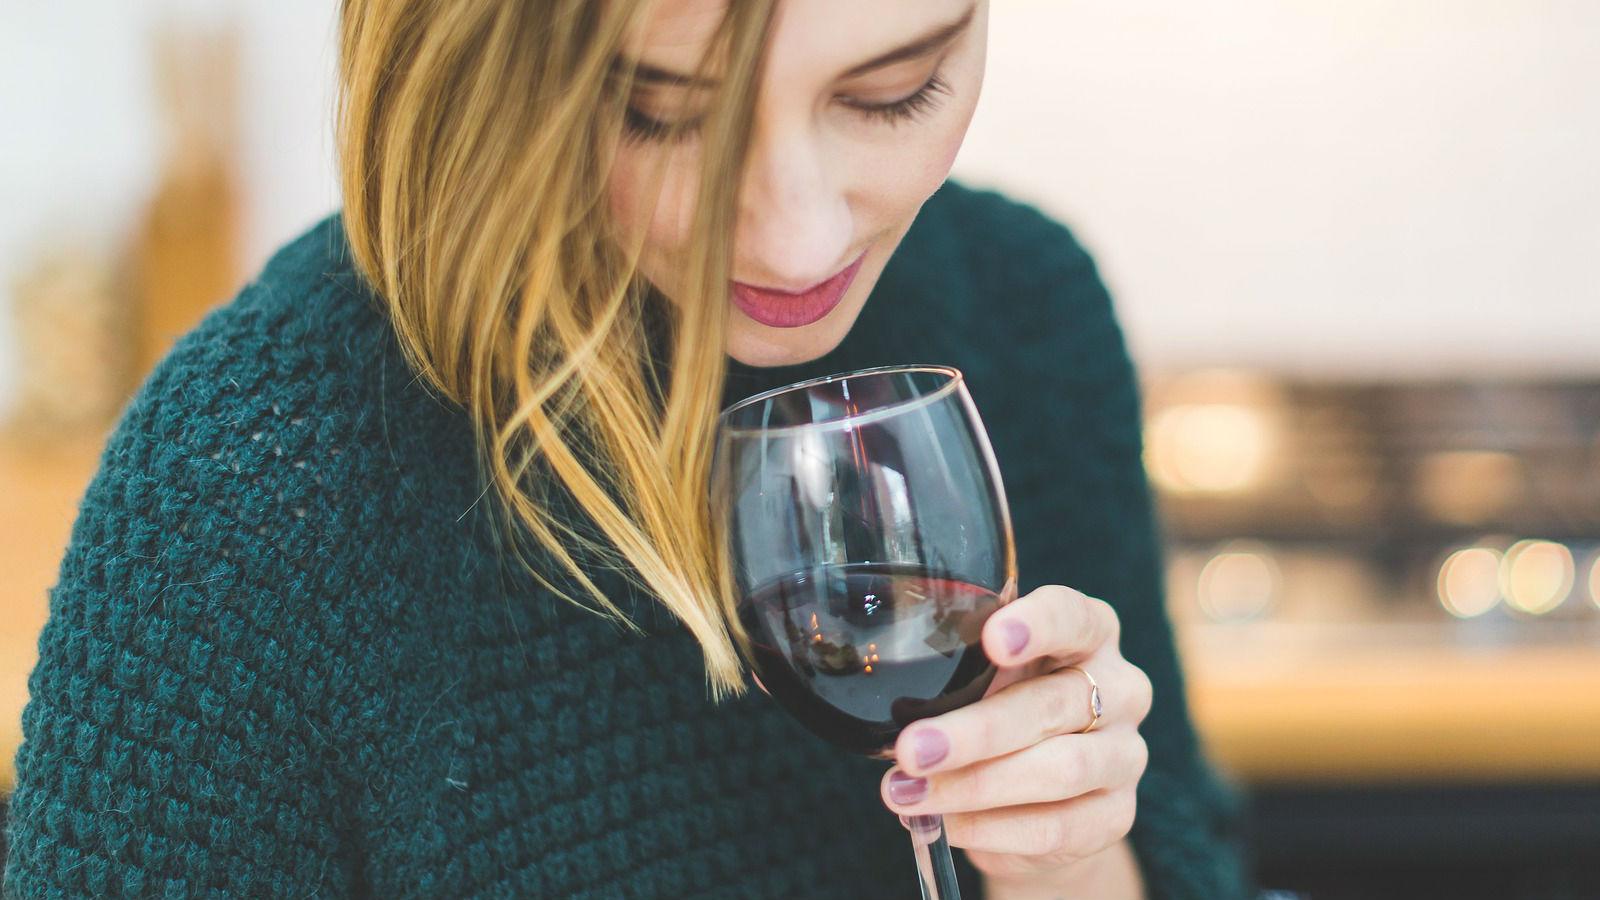 Beber vino con moderación le hace bien al corazón